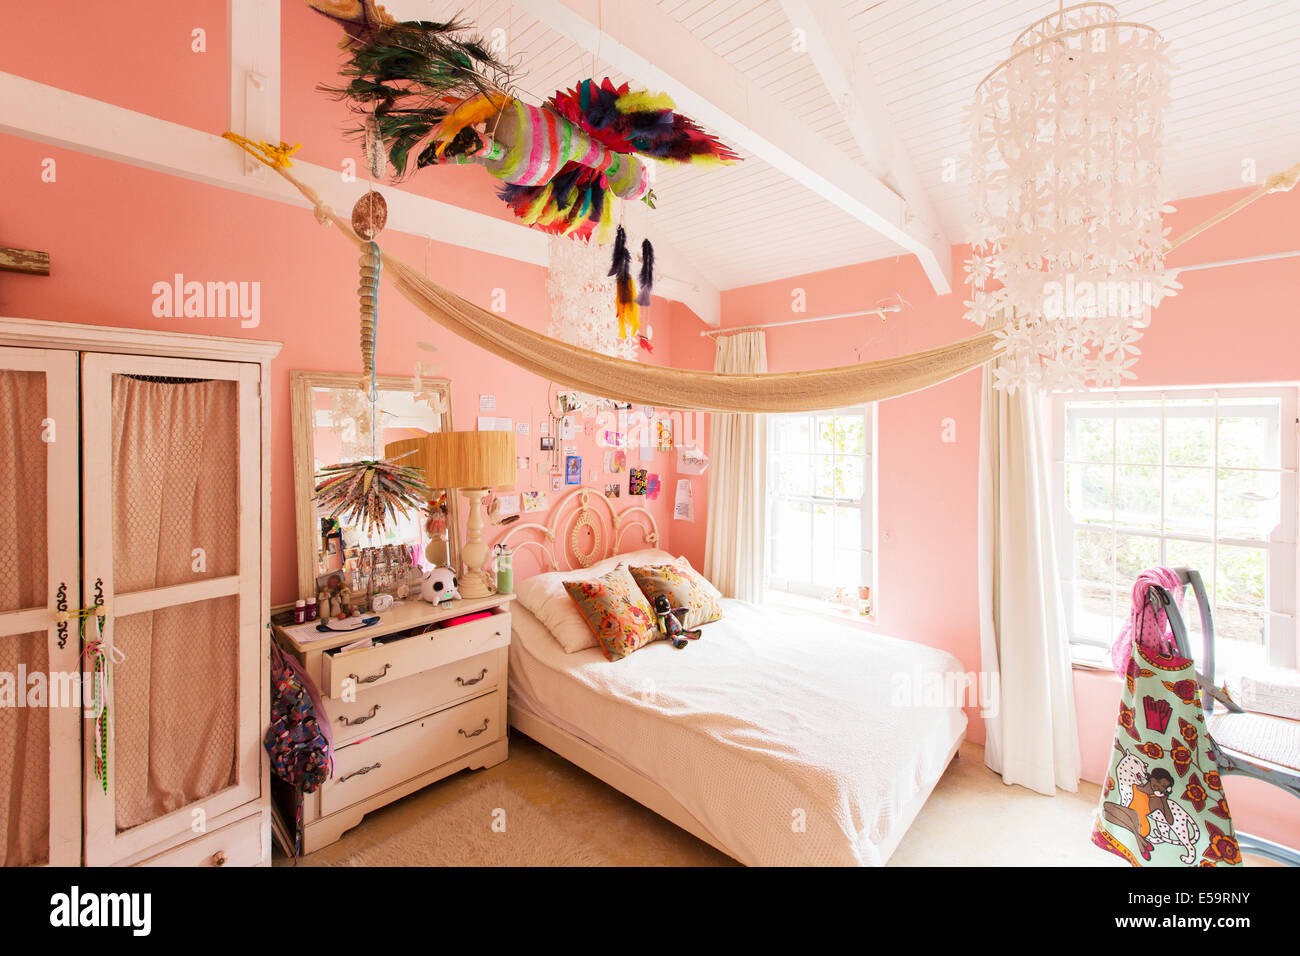 Decoraciones en dormitorio de casa rústica Imagen De Stock